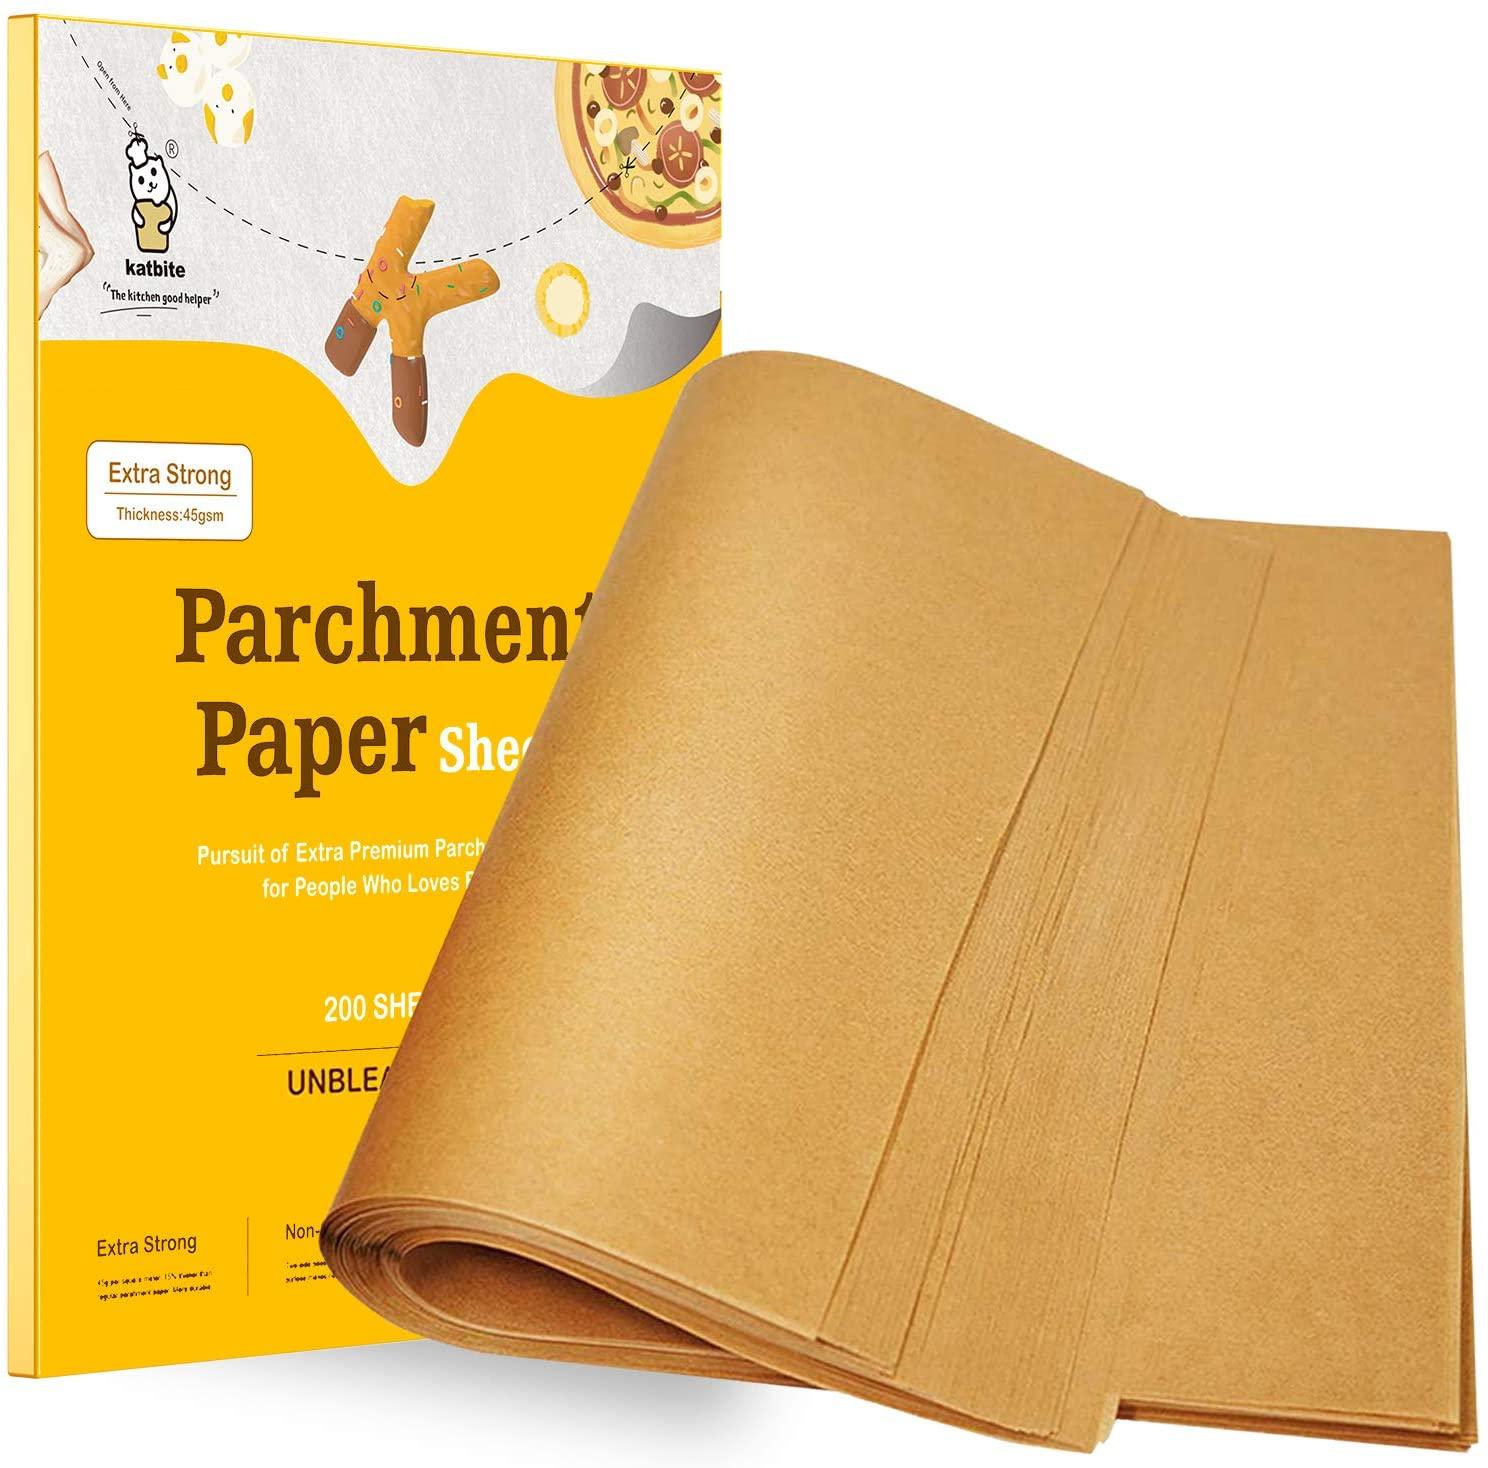 Unbleached Parchment Paper for Baking